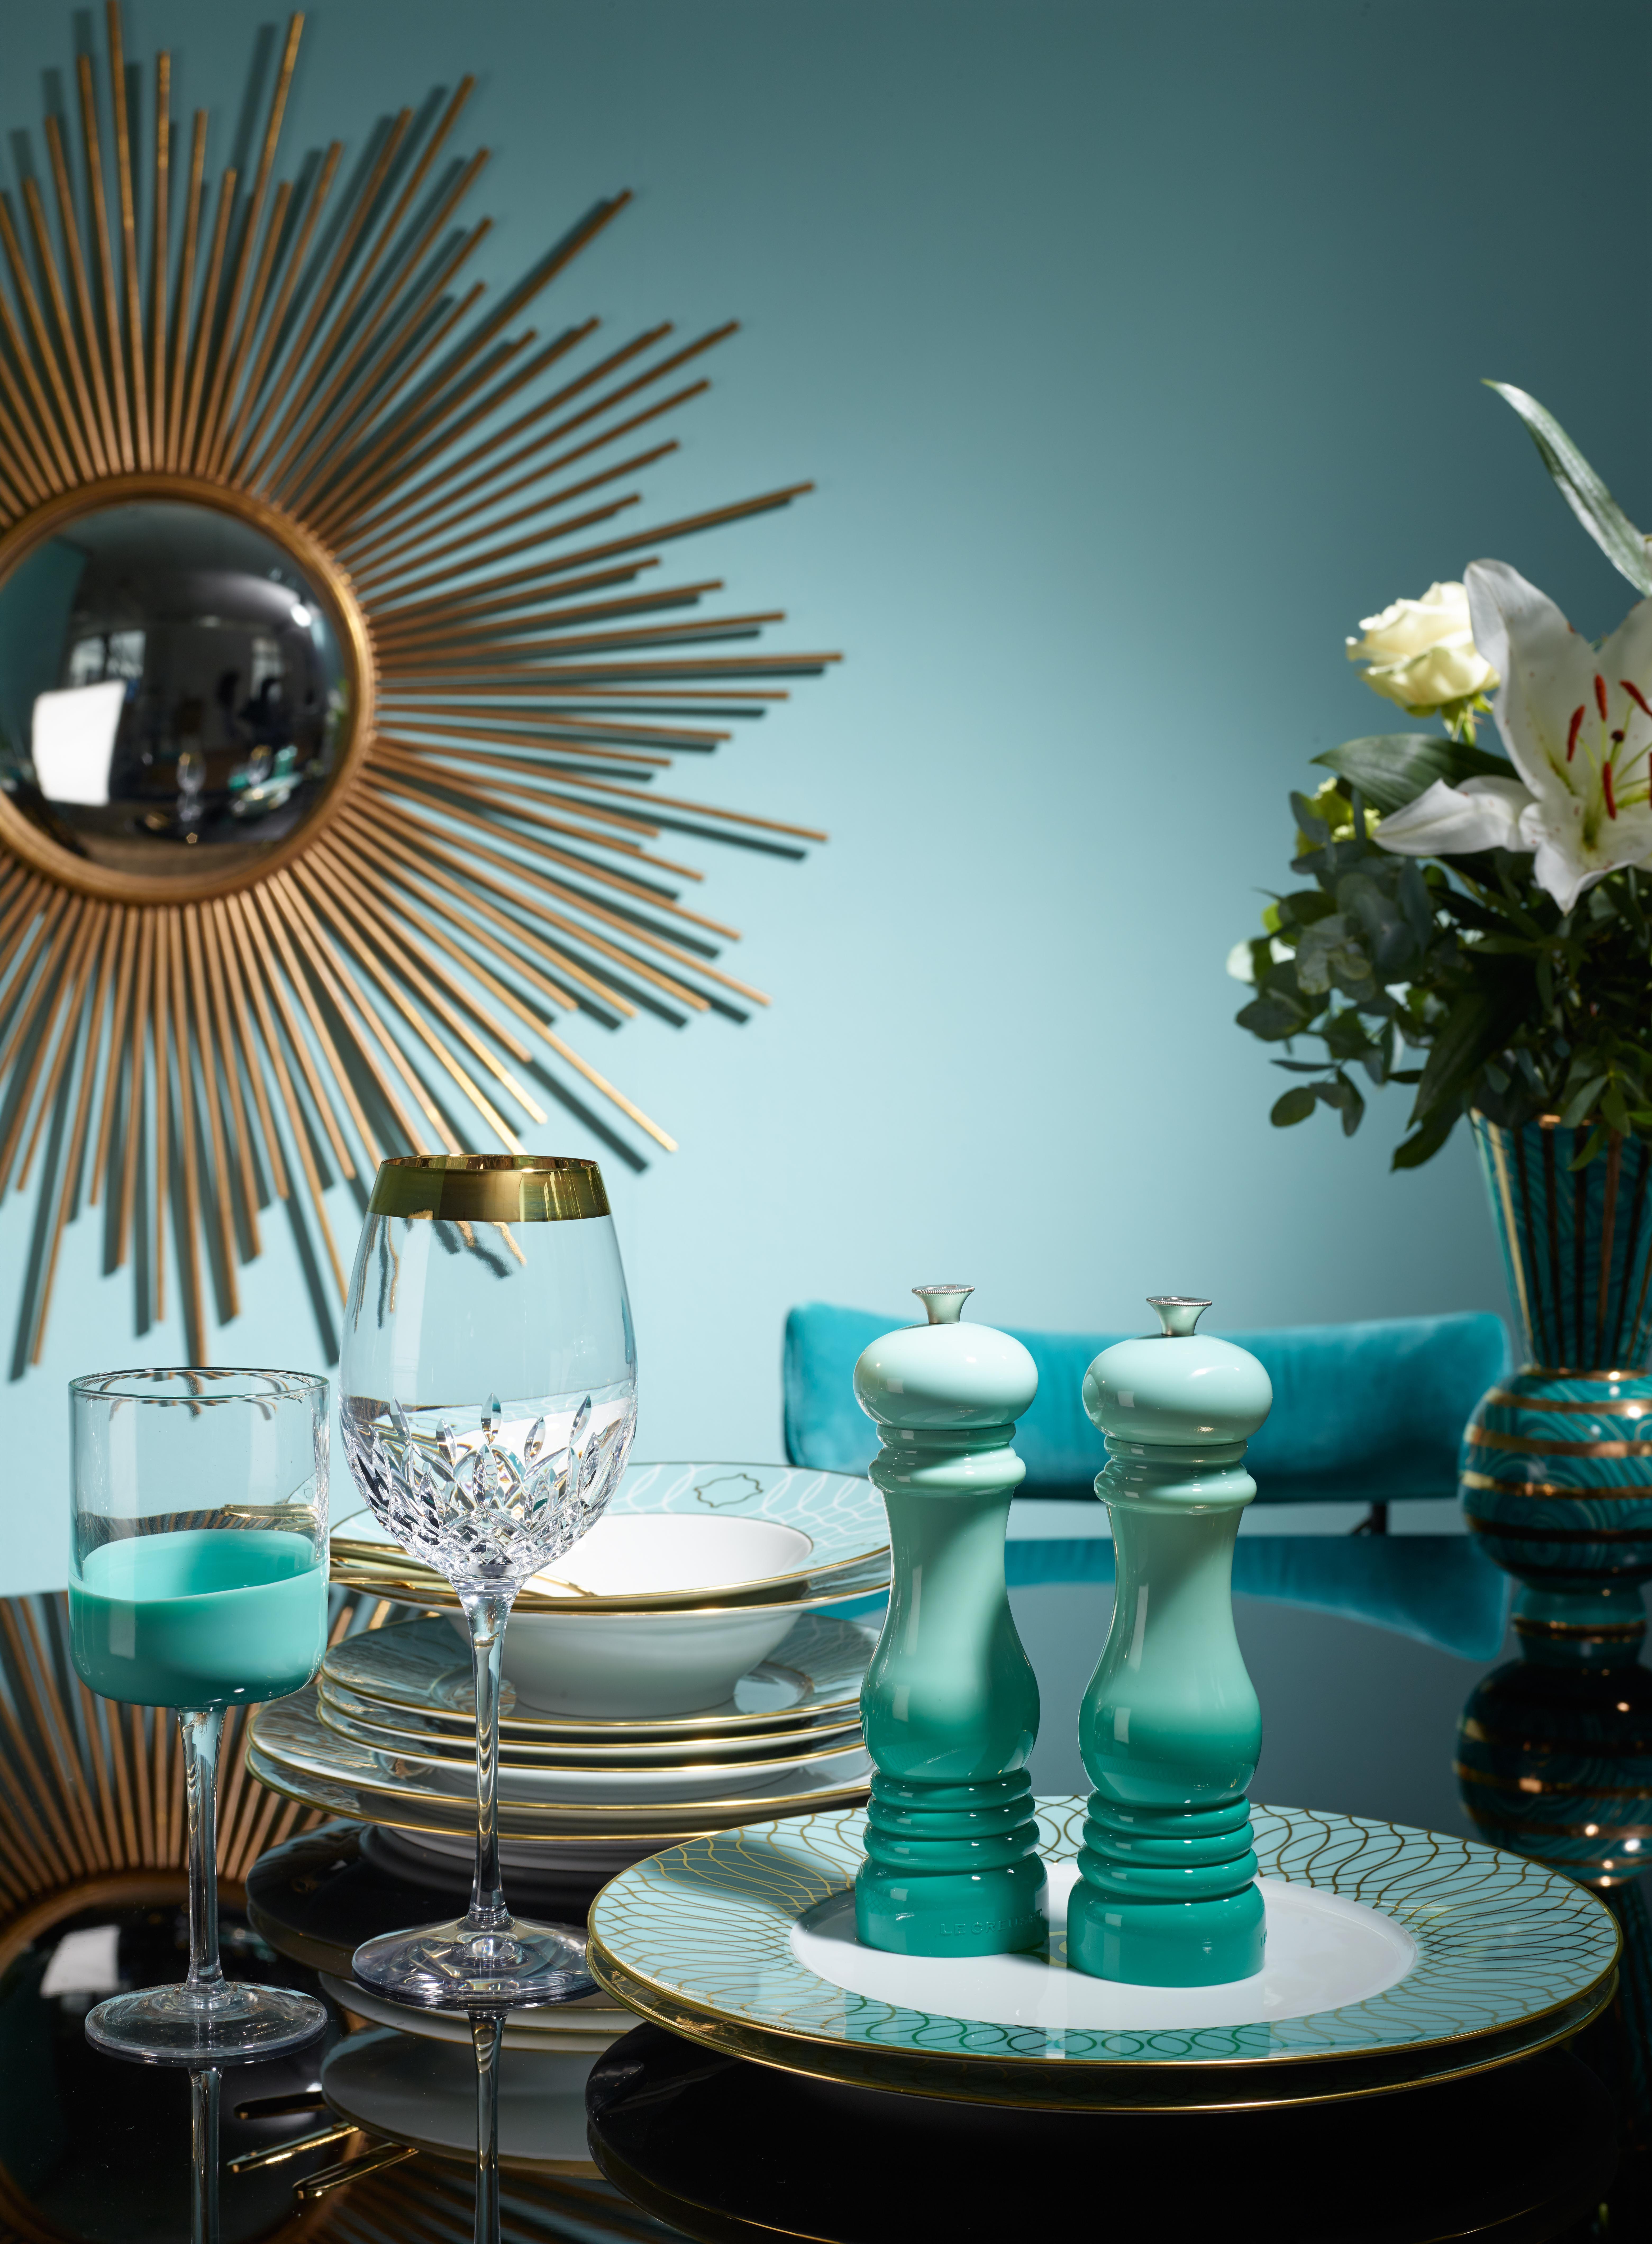 Esszimmer dekorieren: Tisch mit Tellern, Gläser, Salz, Pfeffer und Blumen